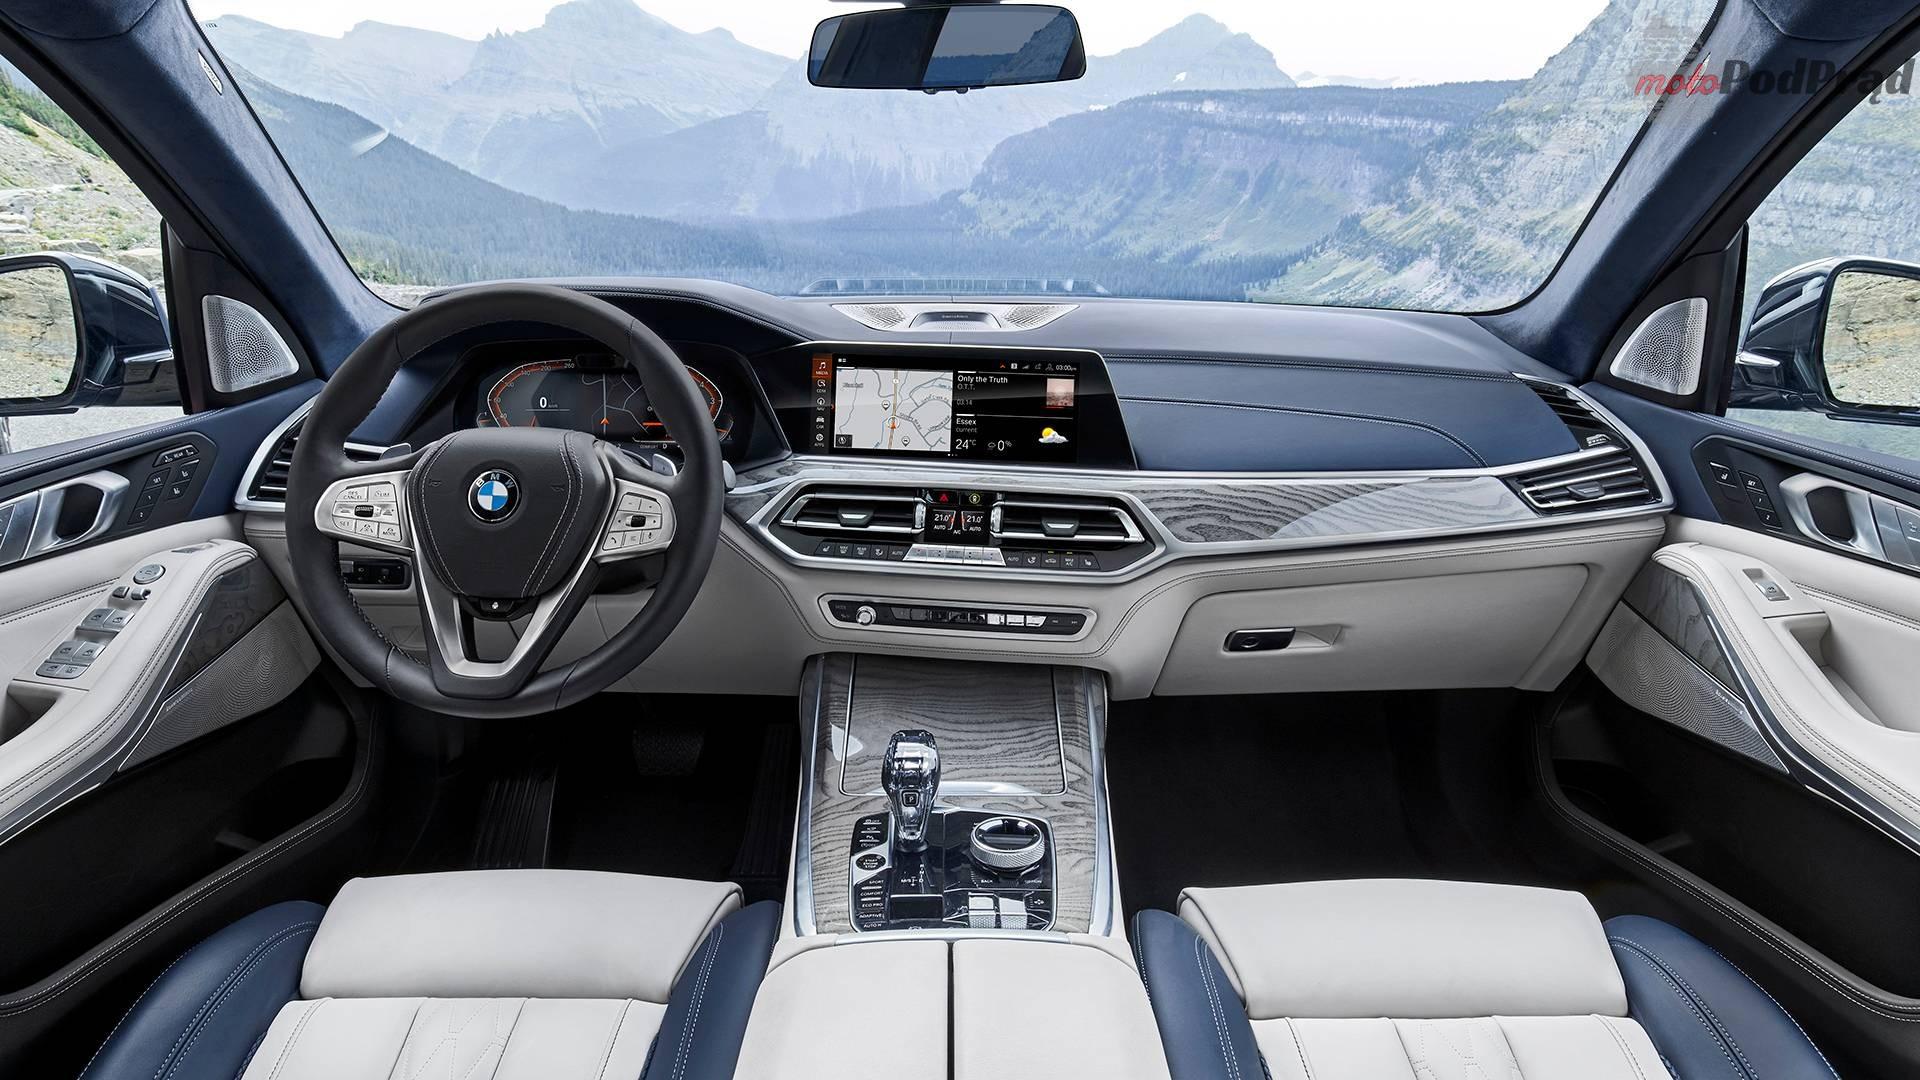 2019 bmw x7 4 BMW X7: Radość z jazdy razy 7